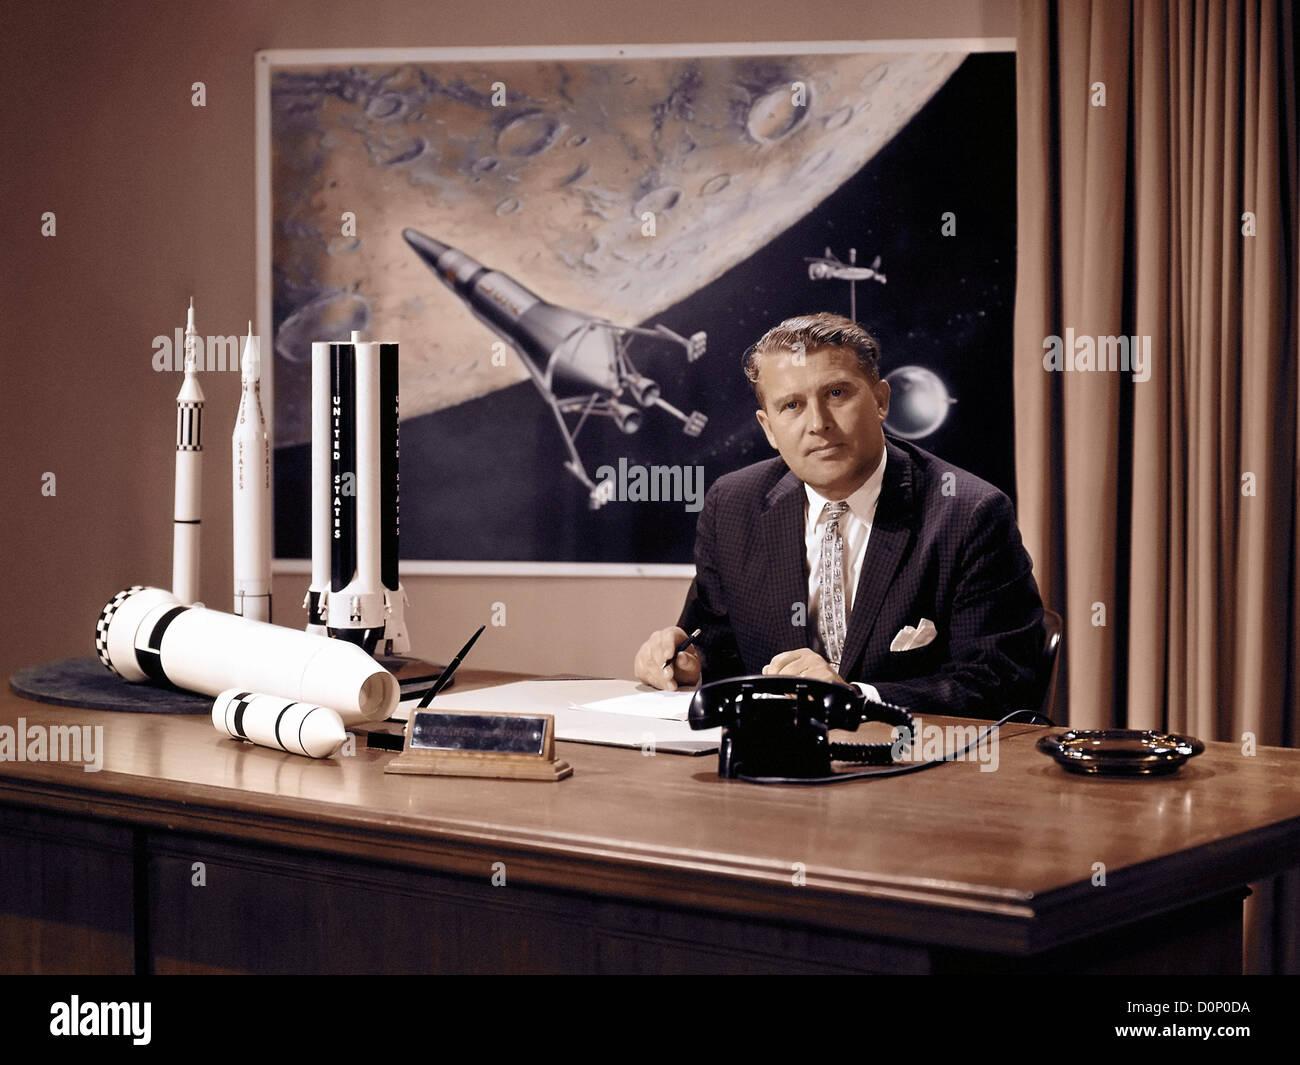 Wernher von Braun an seinem Schreibtisch Stockfoto